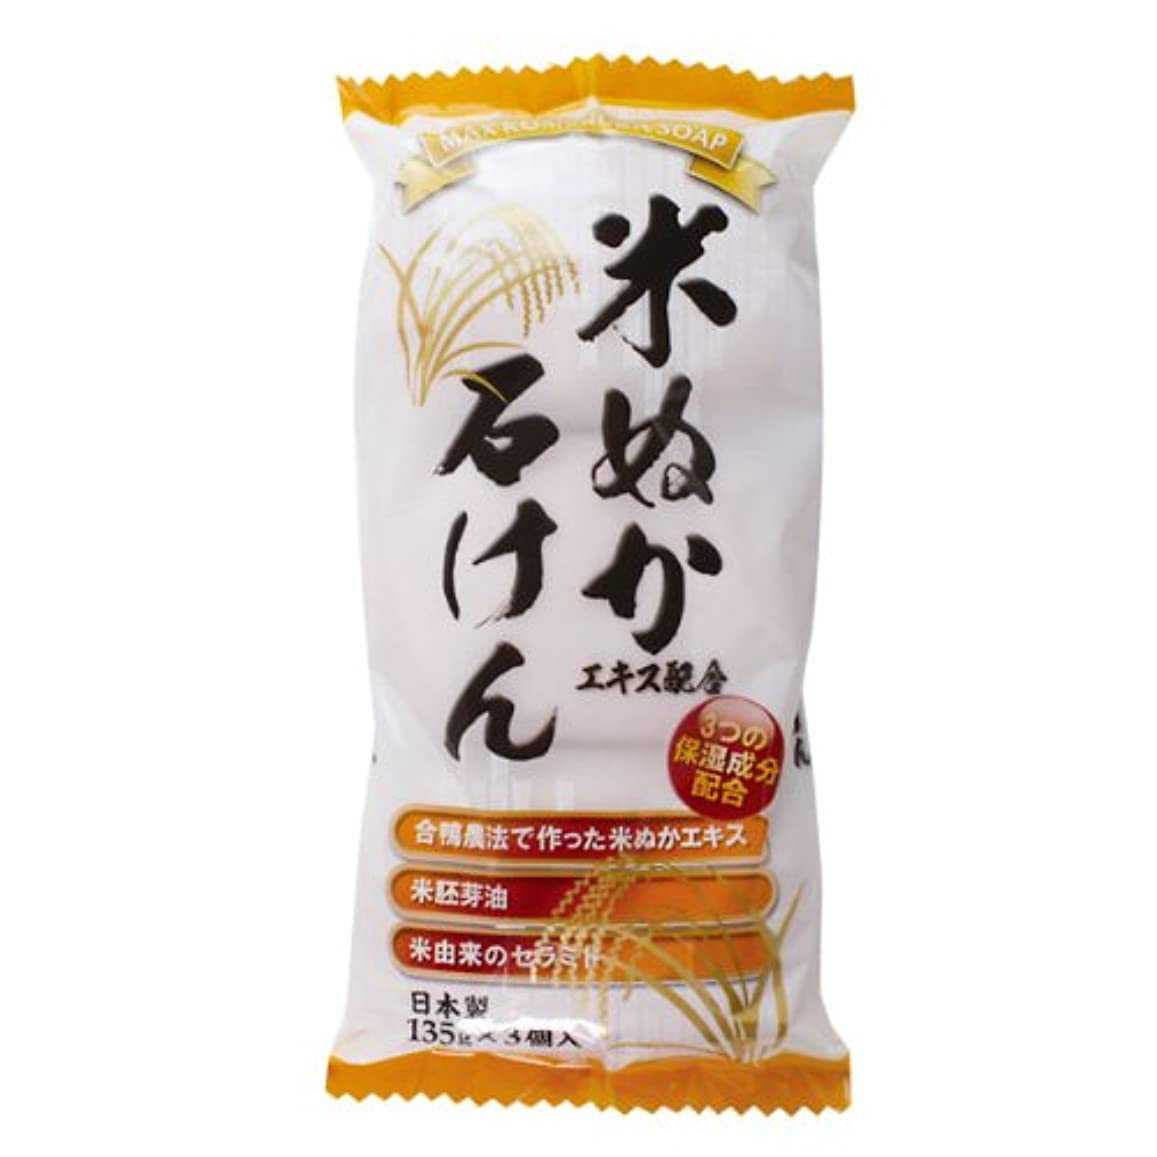 引数減るぐったり米ぬかエキス配合石けん 3個入 135g×3個